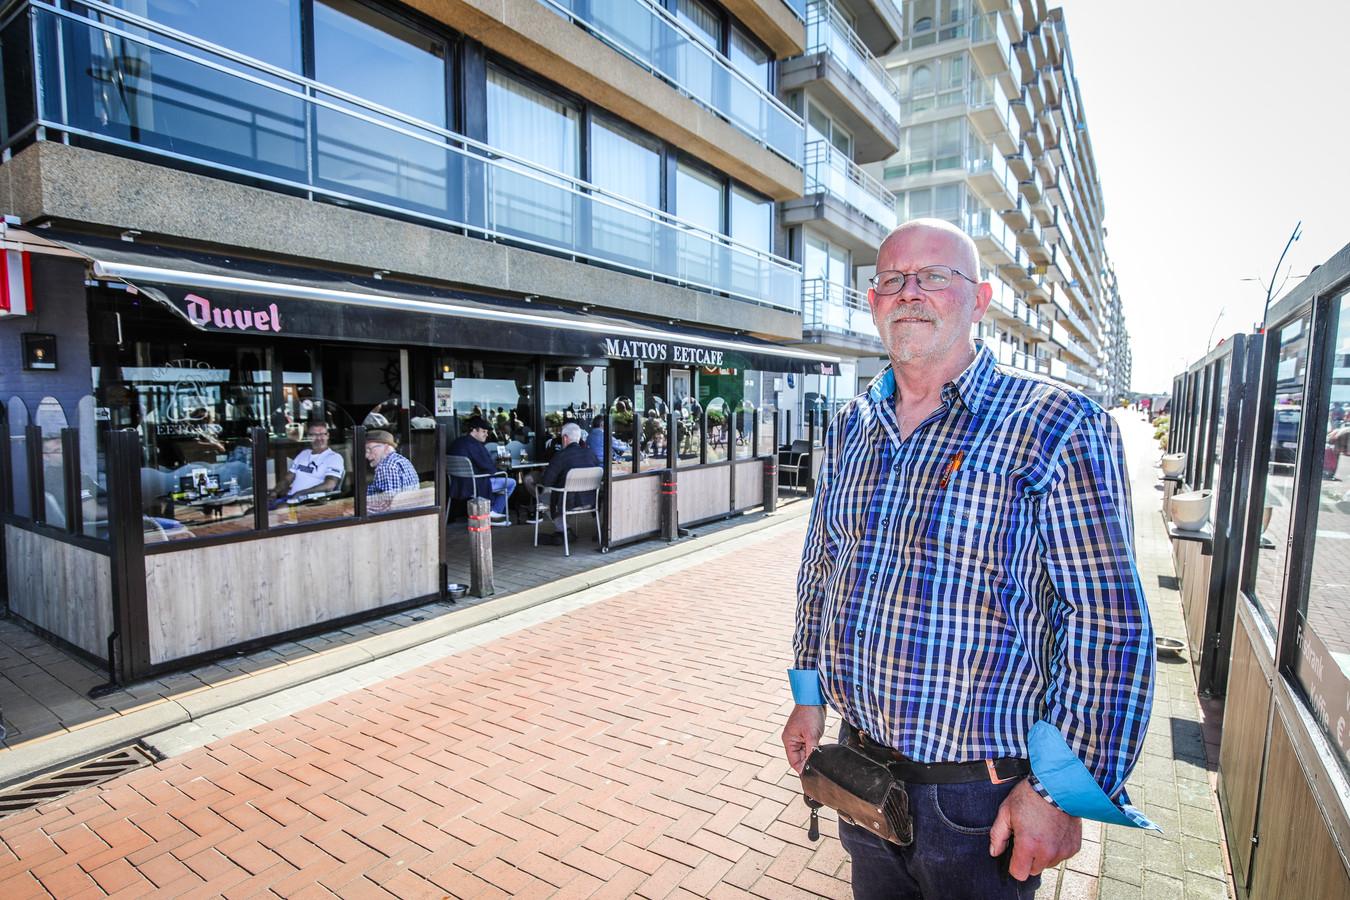 Matto Peerenboom van Matto's Eetcafé op de Zeedijk kan opnieuw gasten ontvangen.